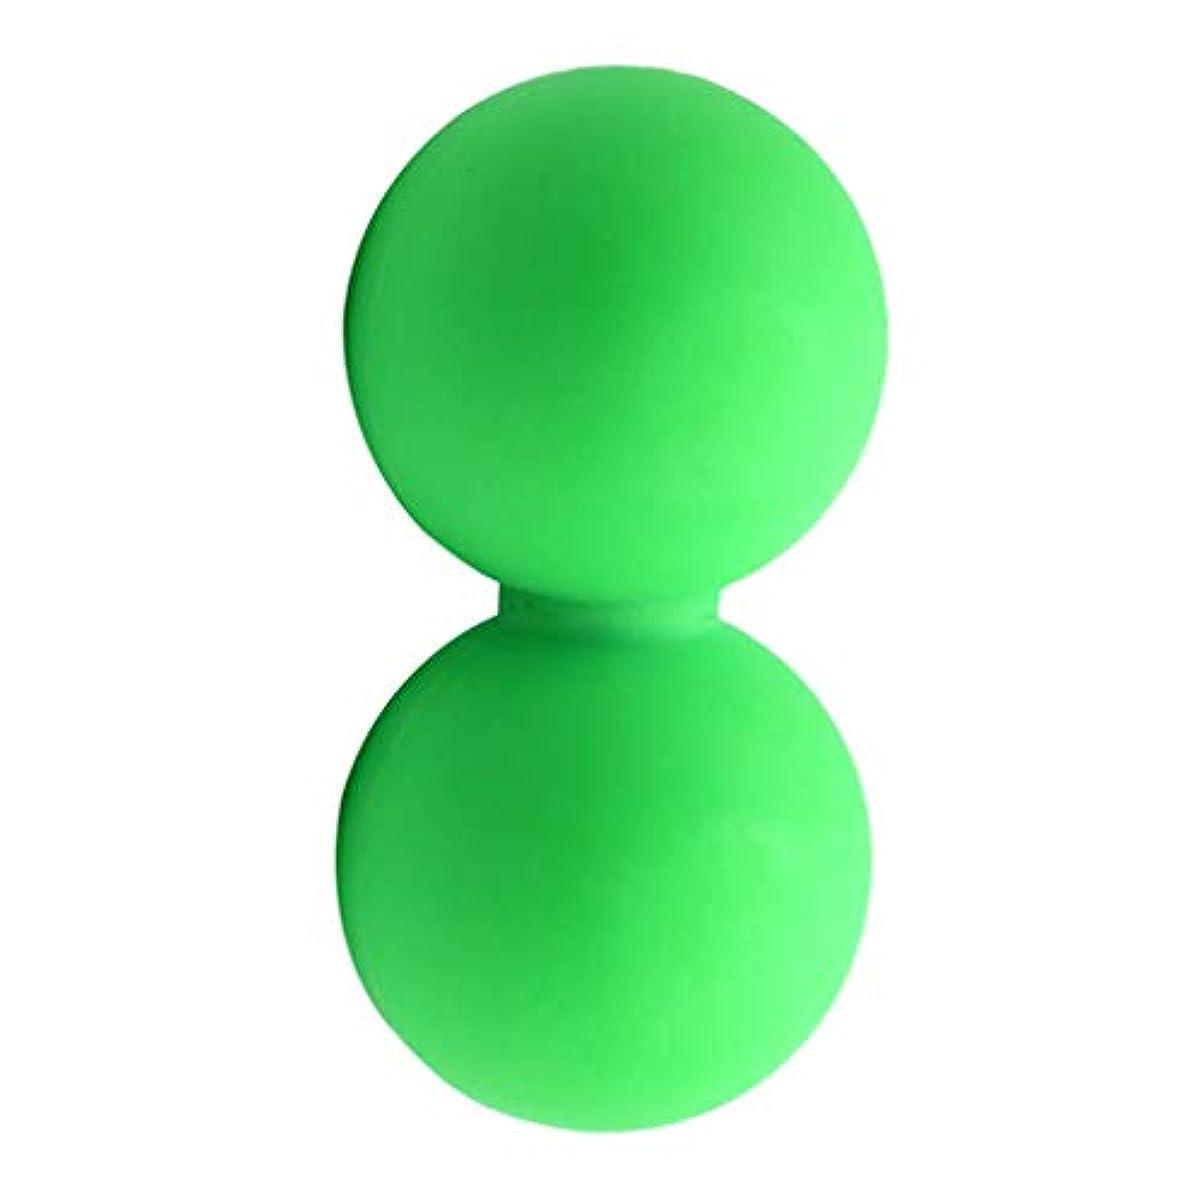 タイル創始者強要マッサージボール グリーン スポーツケア 運動 痛み緩和